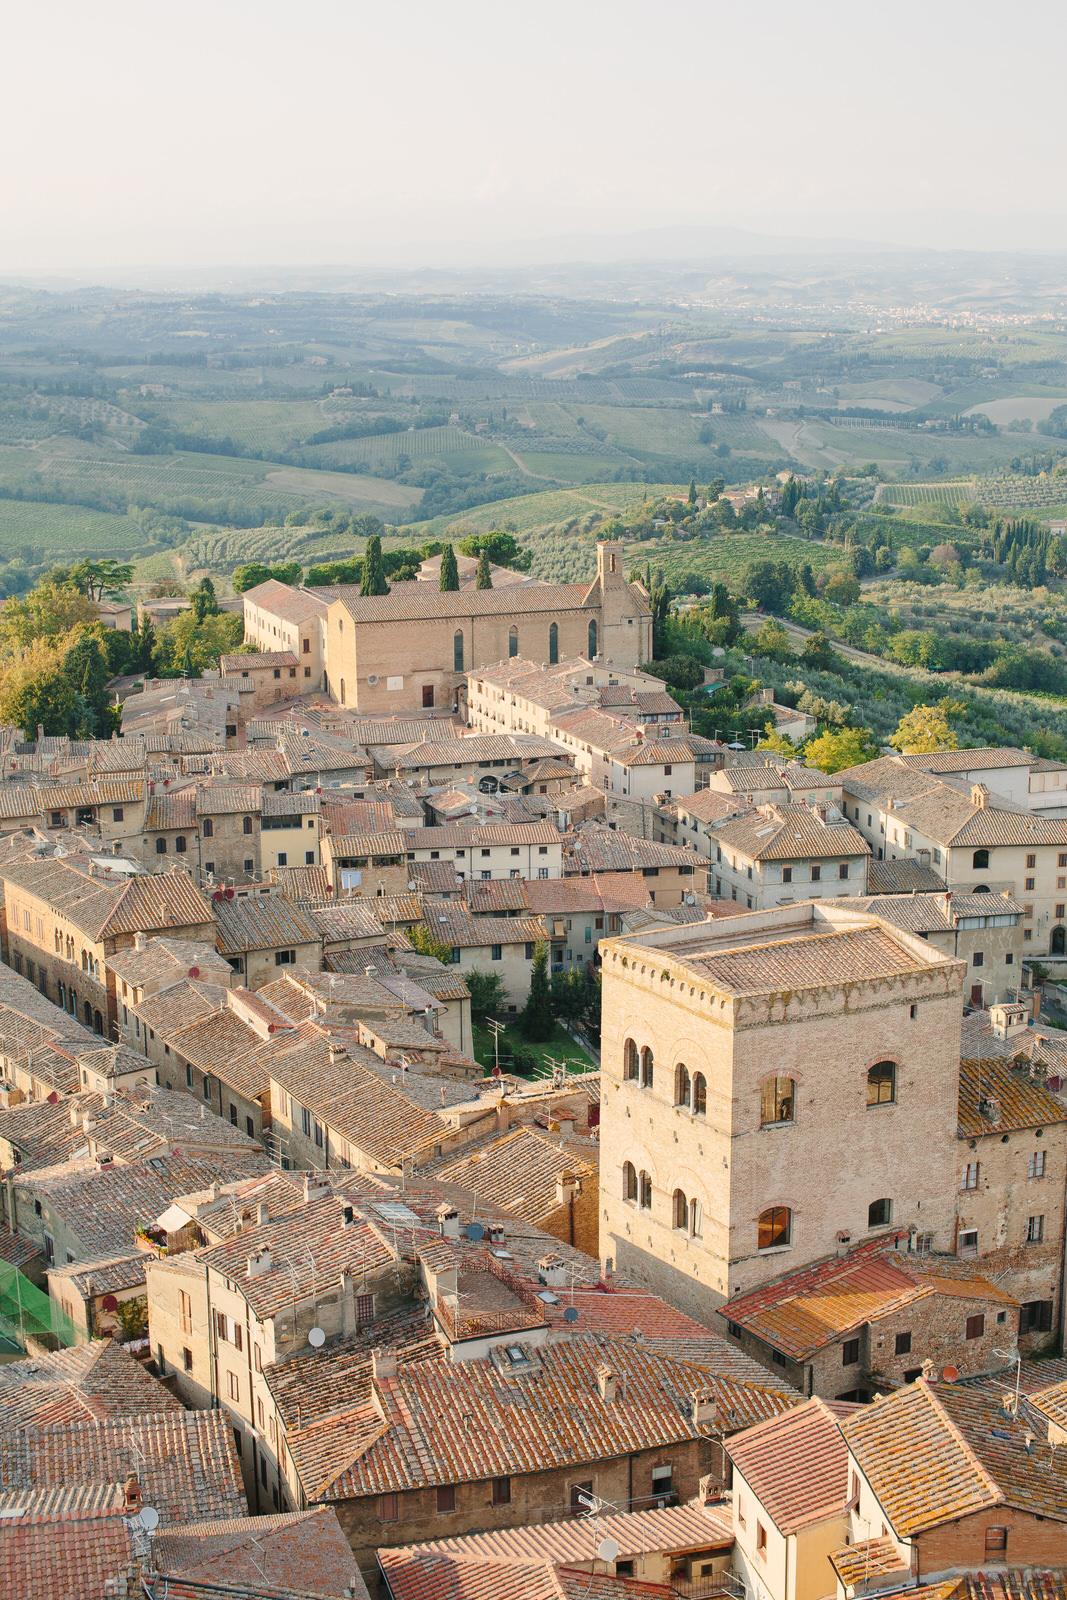 San Gimignano Tuscany Italy Fine Art Photography NB2A7274.jpg